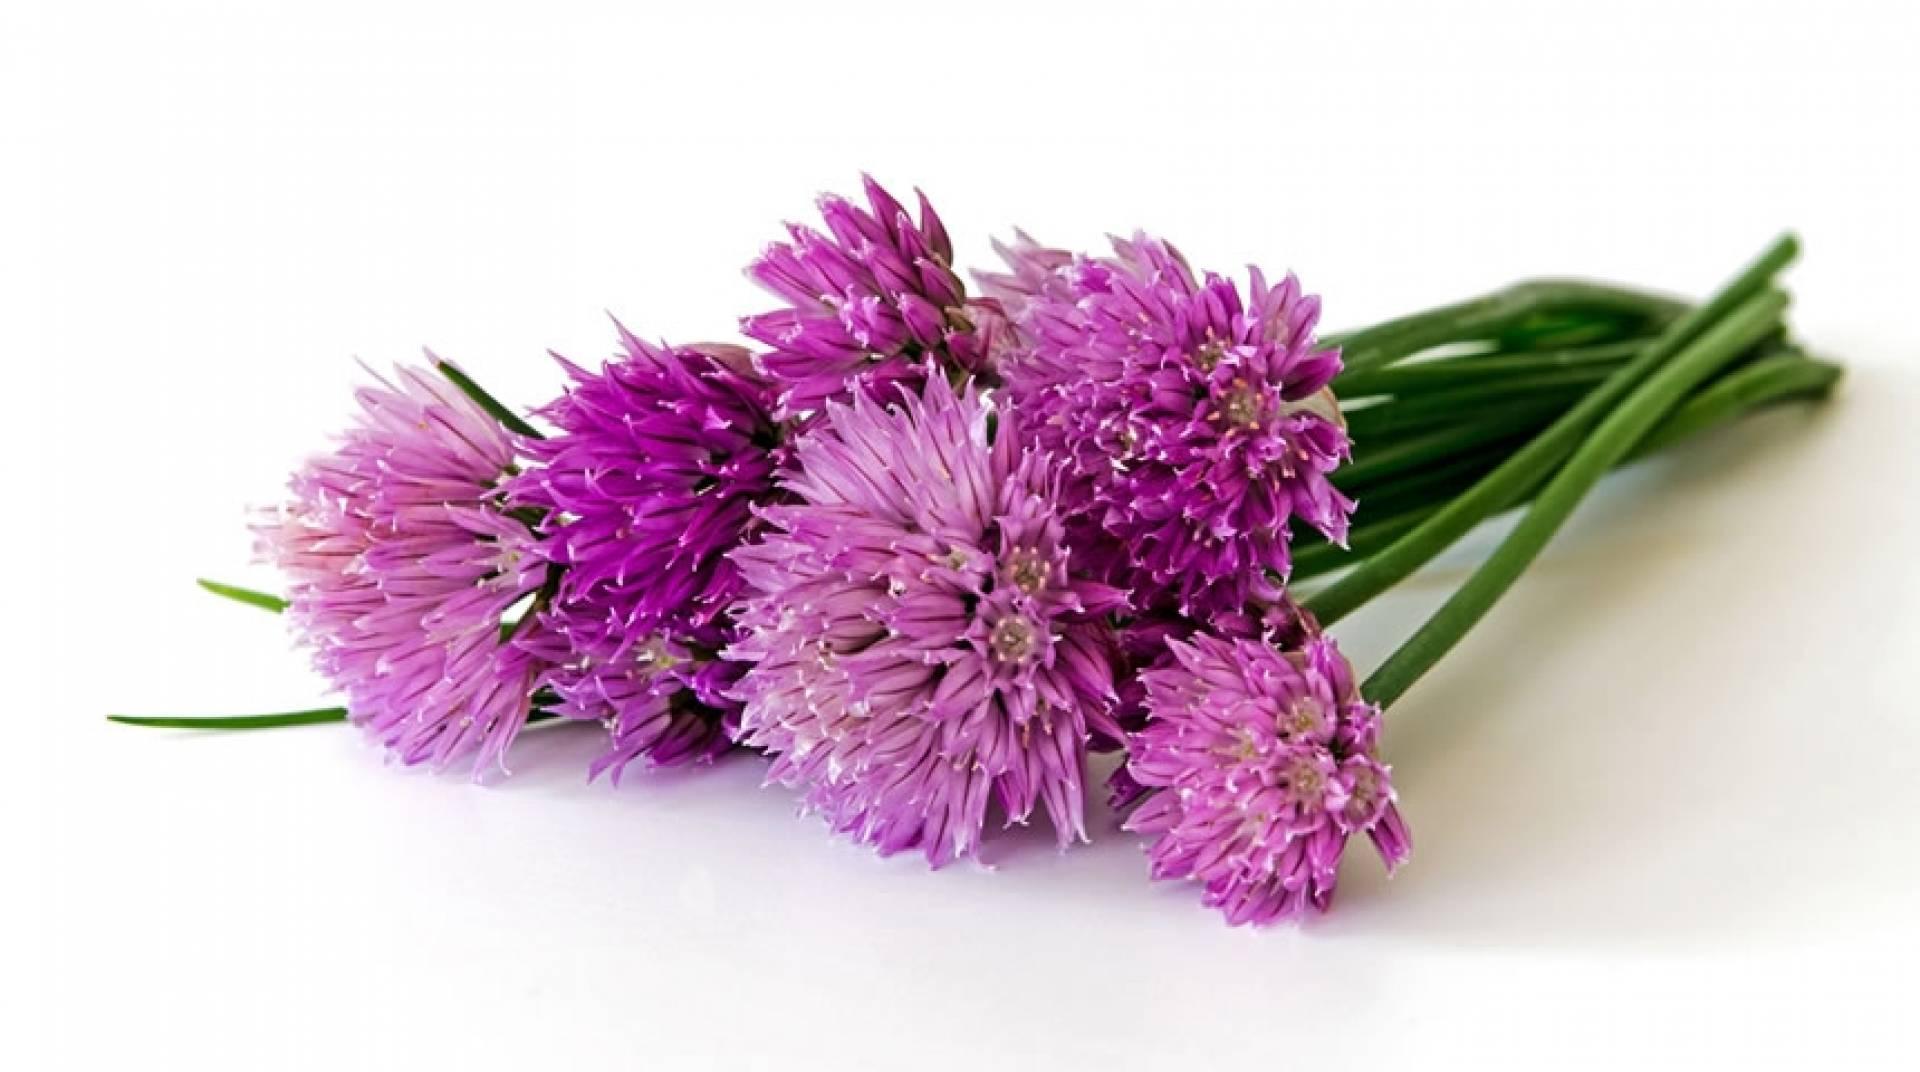 Edible Flowers In Food Preparation